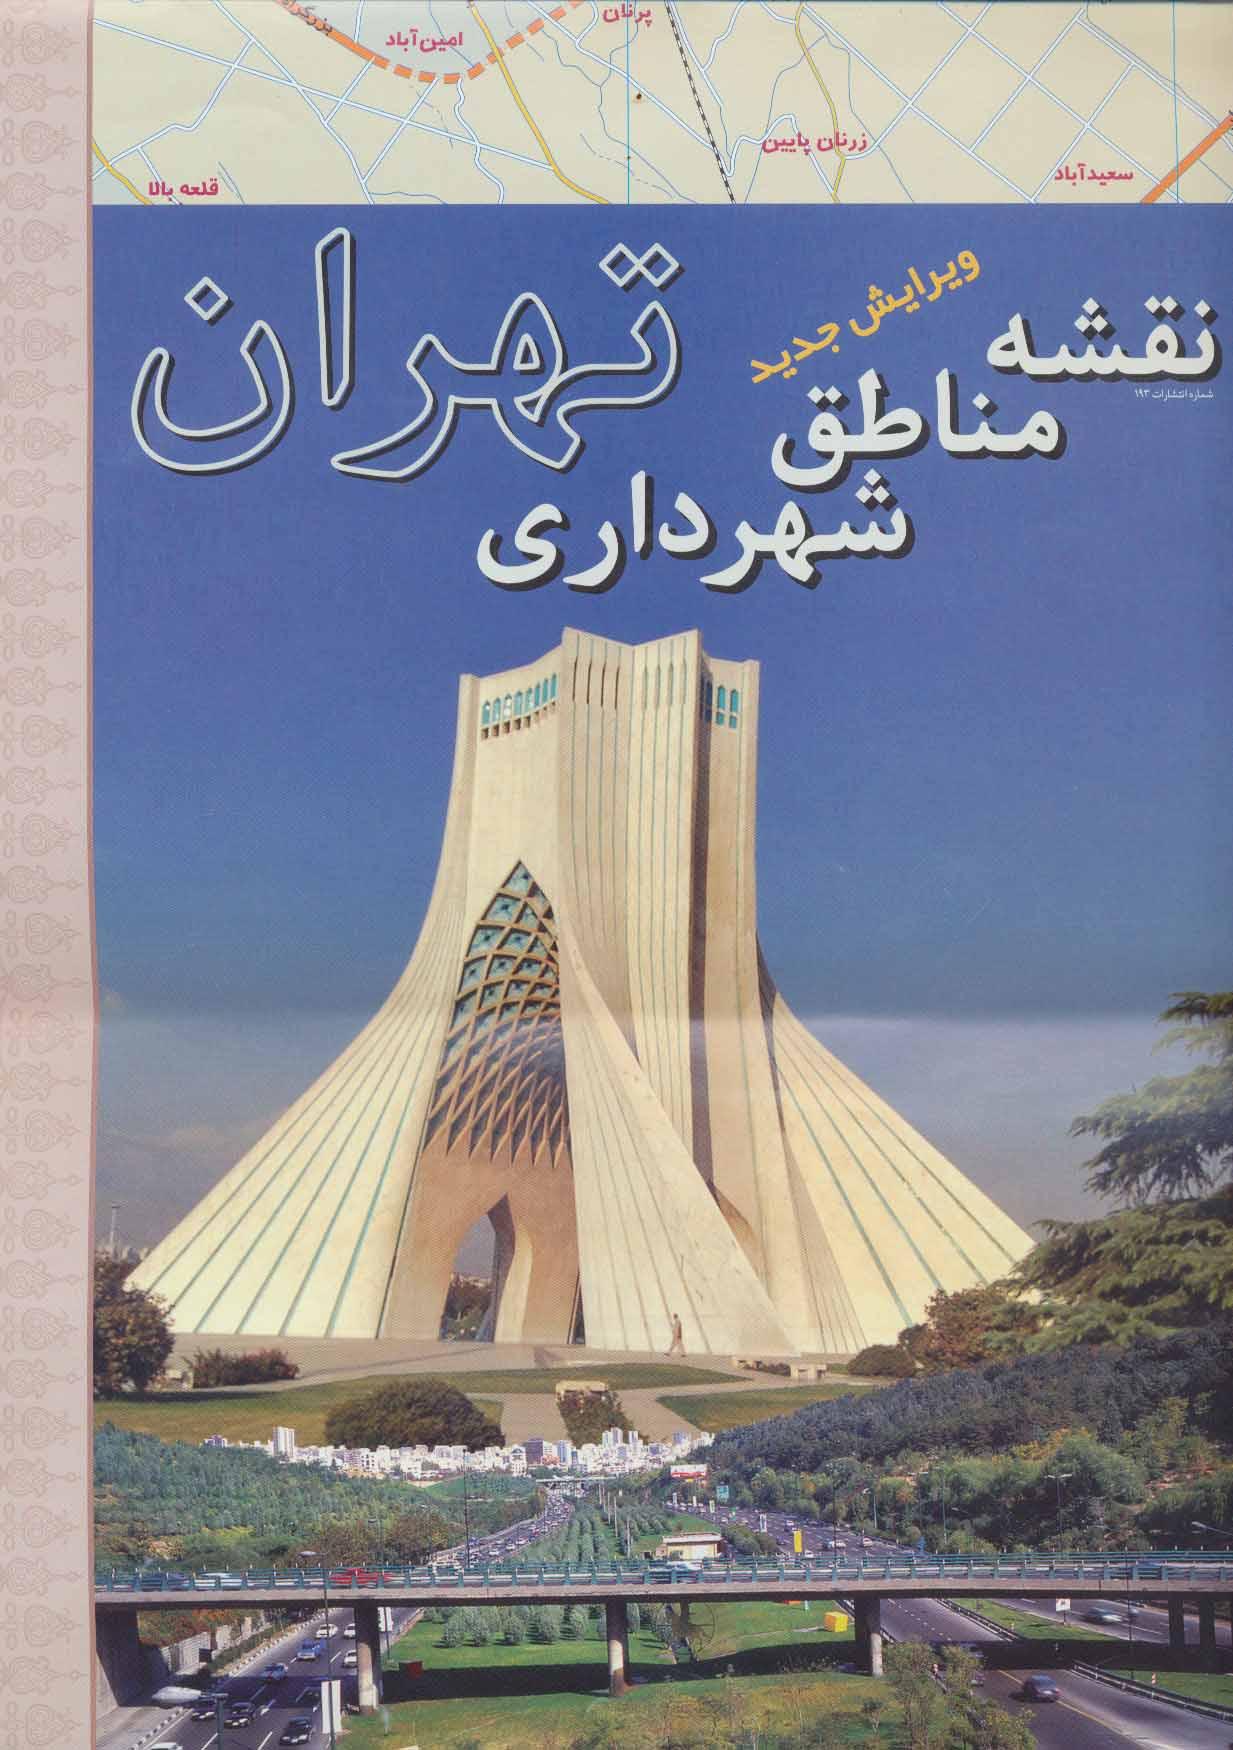 نقشه مناطق شهرداری تهران (گلاسه)